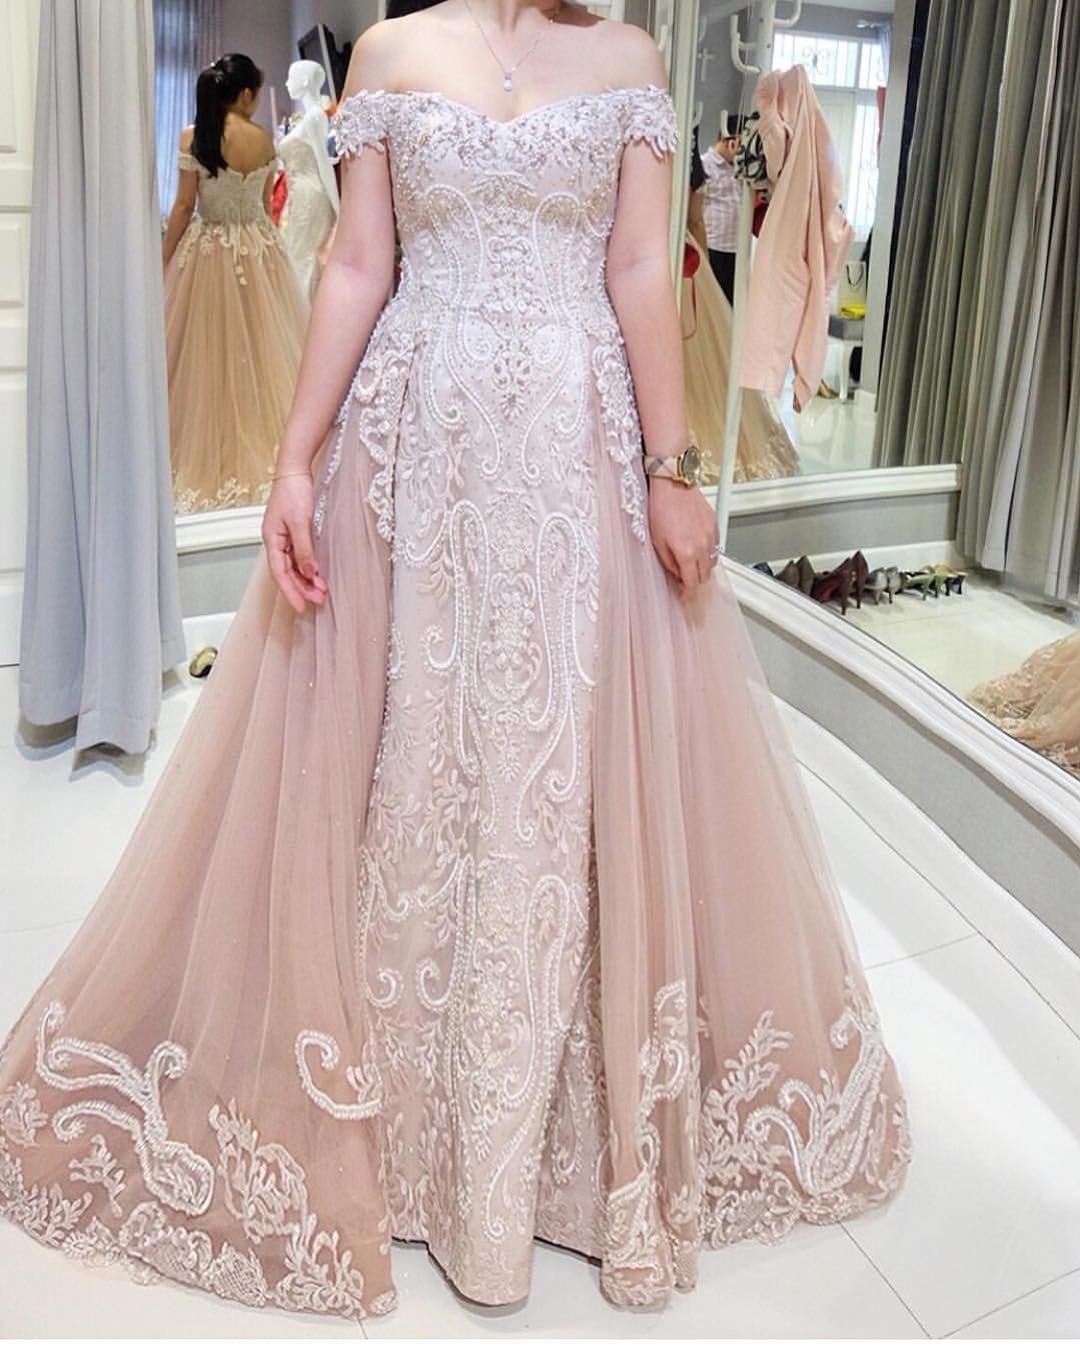 Custom wedding dress designers  USA Replica Wedding Dresses  Inspired Designer Evening Gowns  The